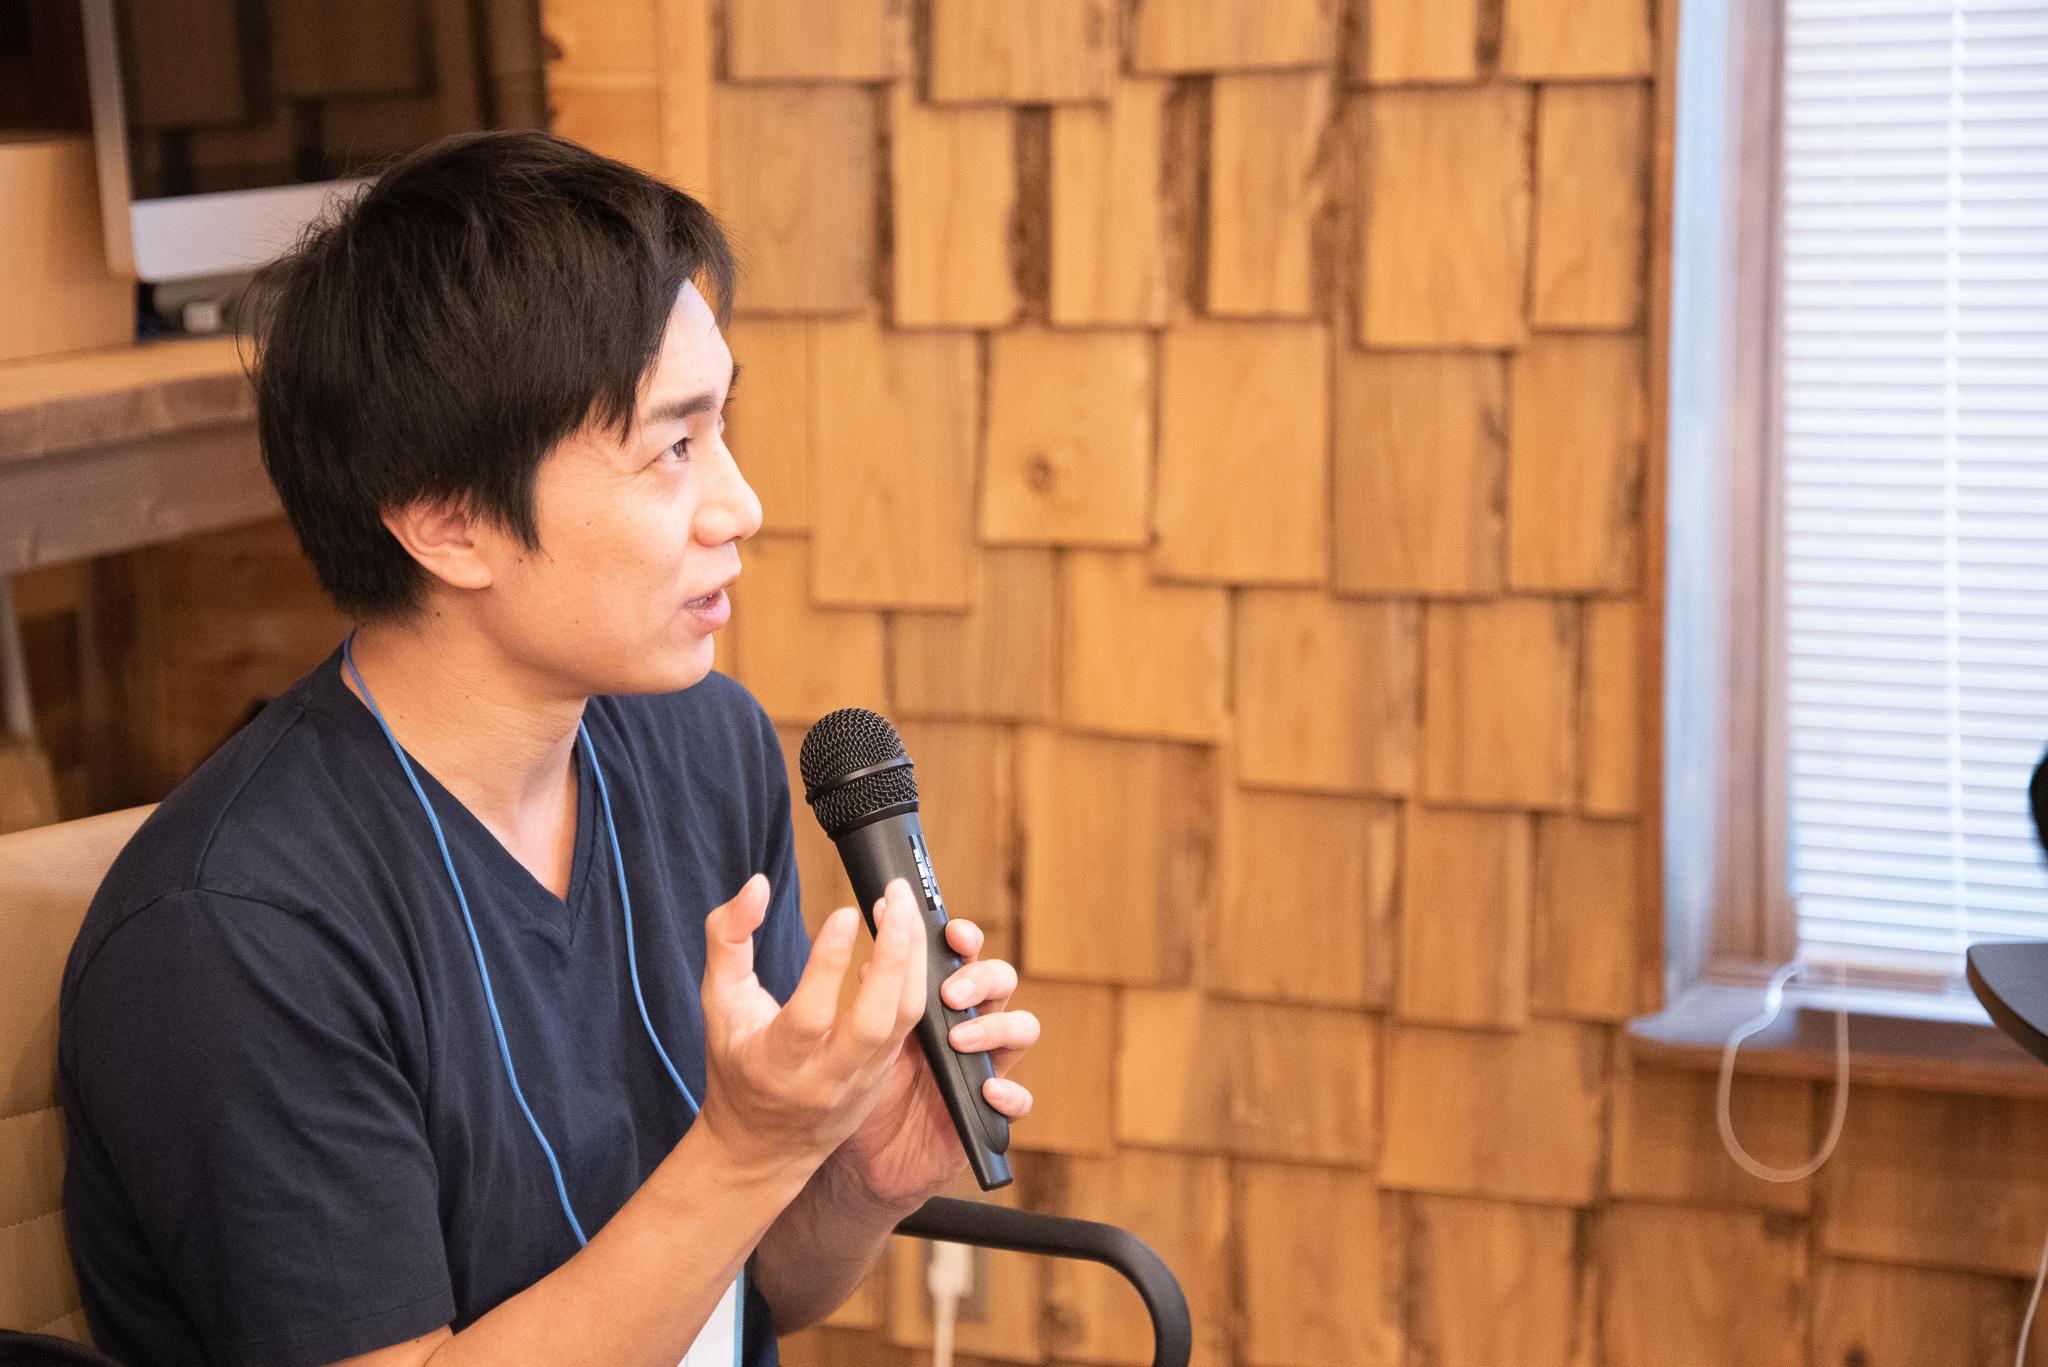 信濃町ライター養成講座で受講生にフィードバックを行うLIGエディターの中野慧(ケイ)